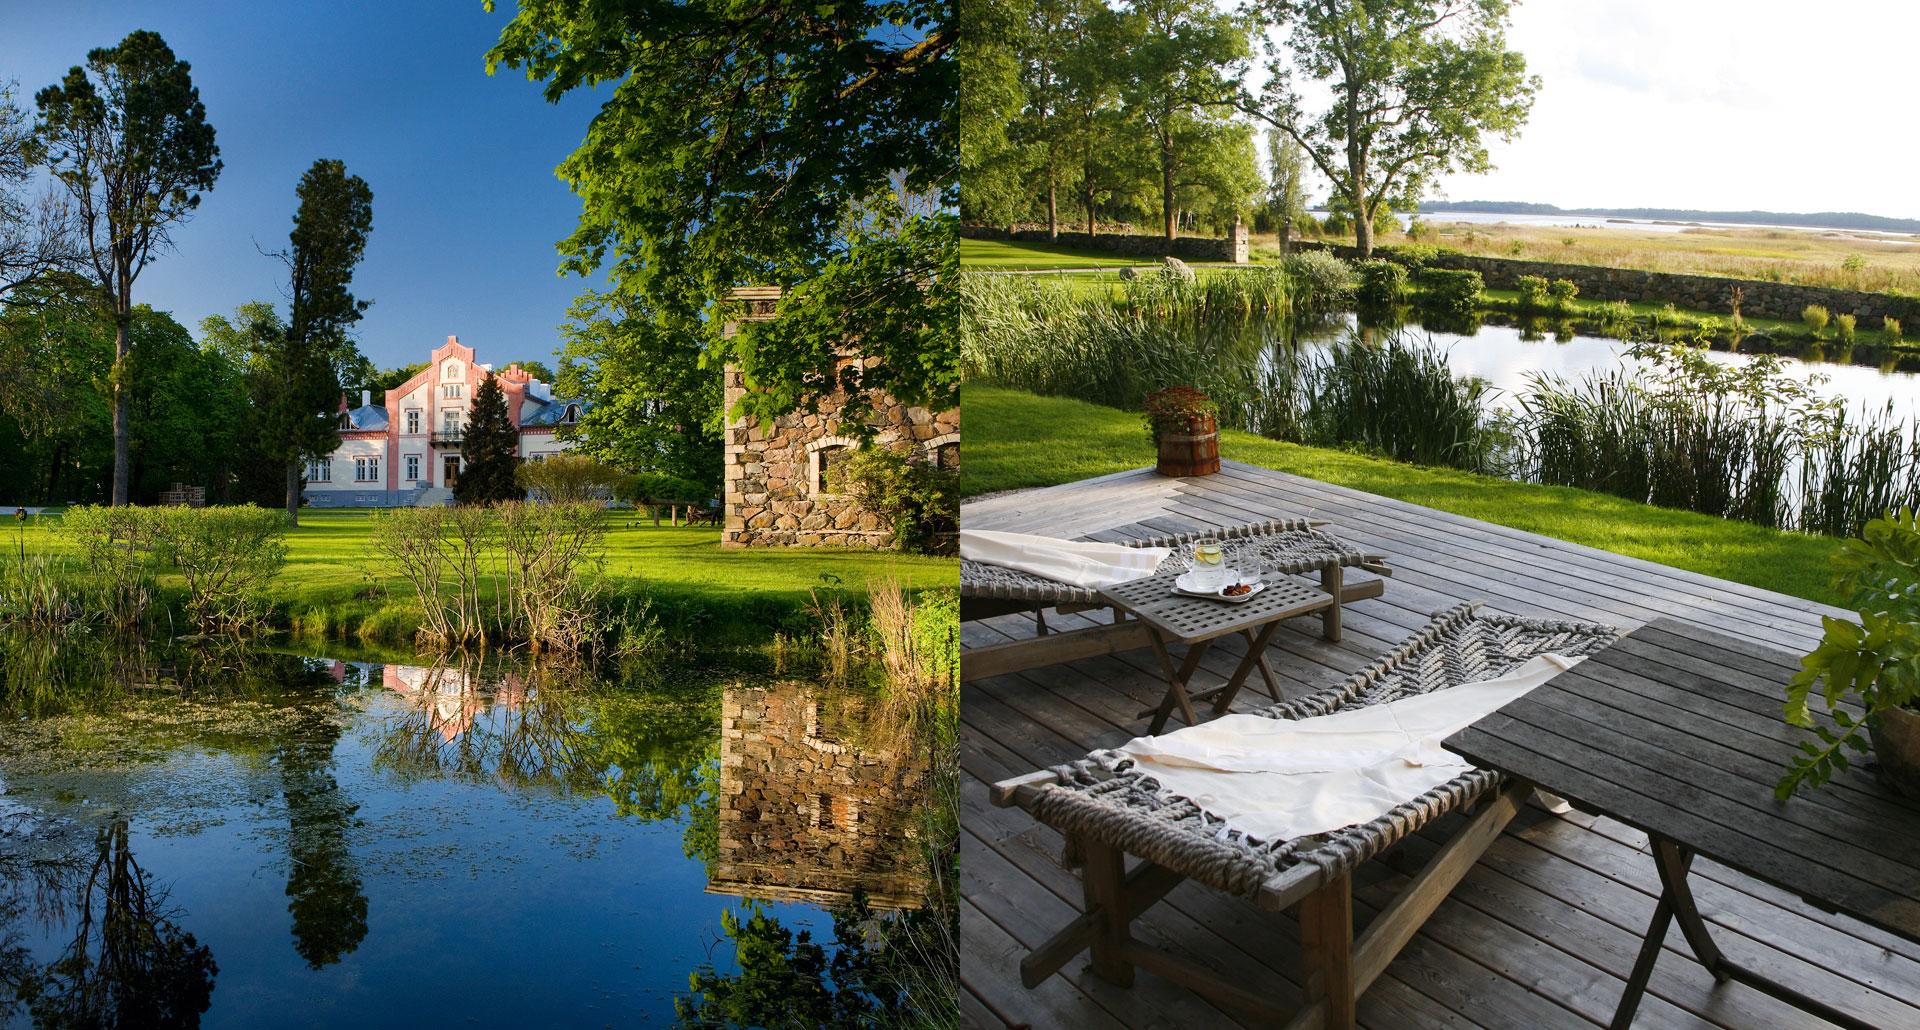 Padaste Manor - romantic boutique hotel in Muhu Island, Estonia